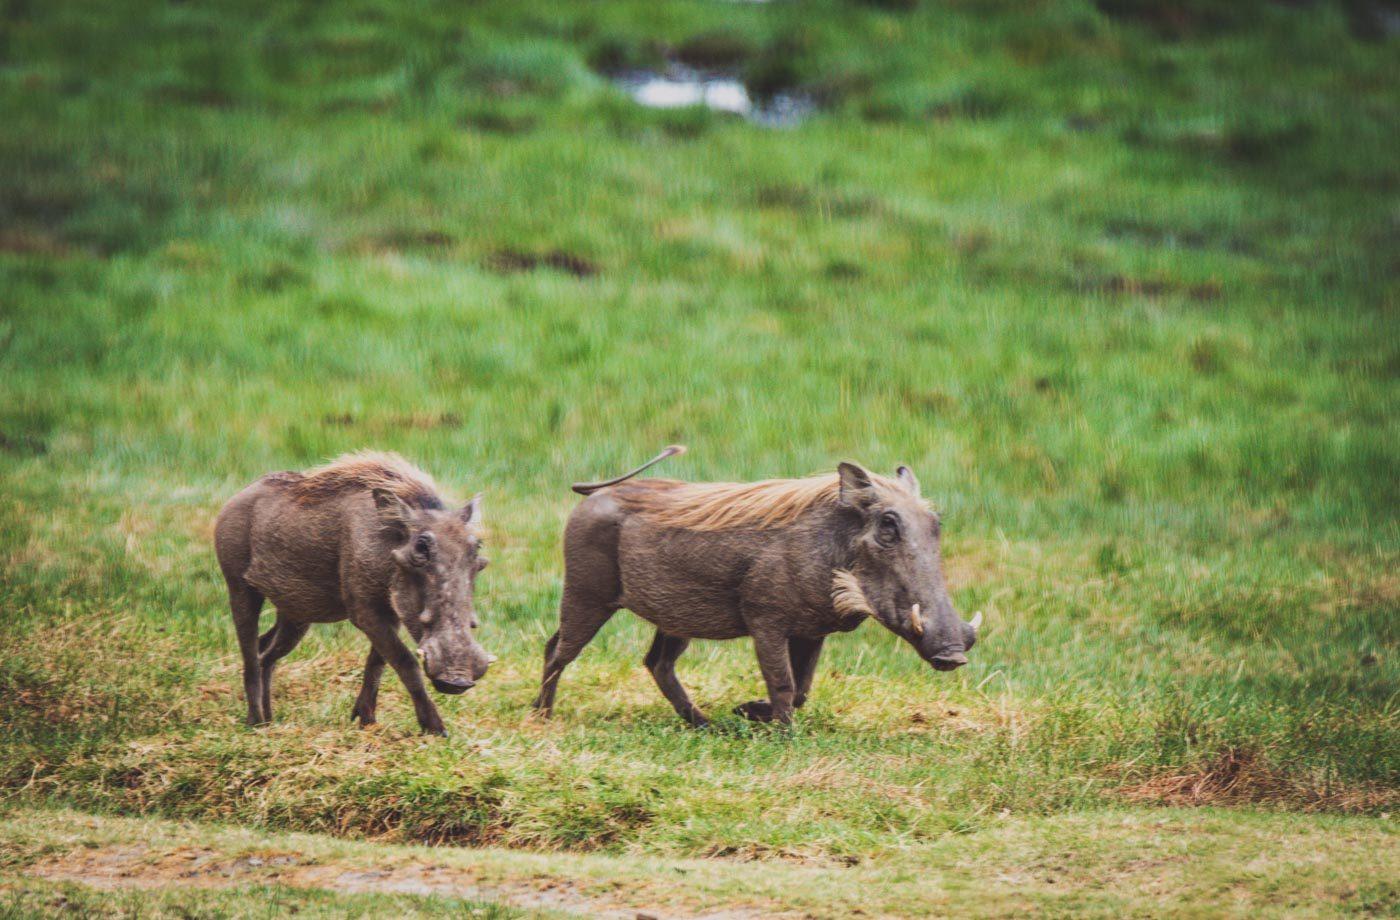 Serengeti safari warthogs